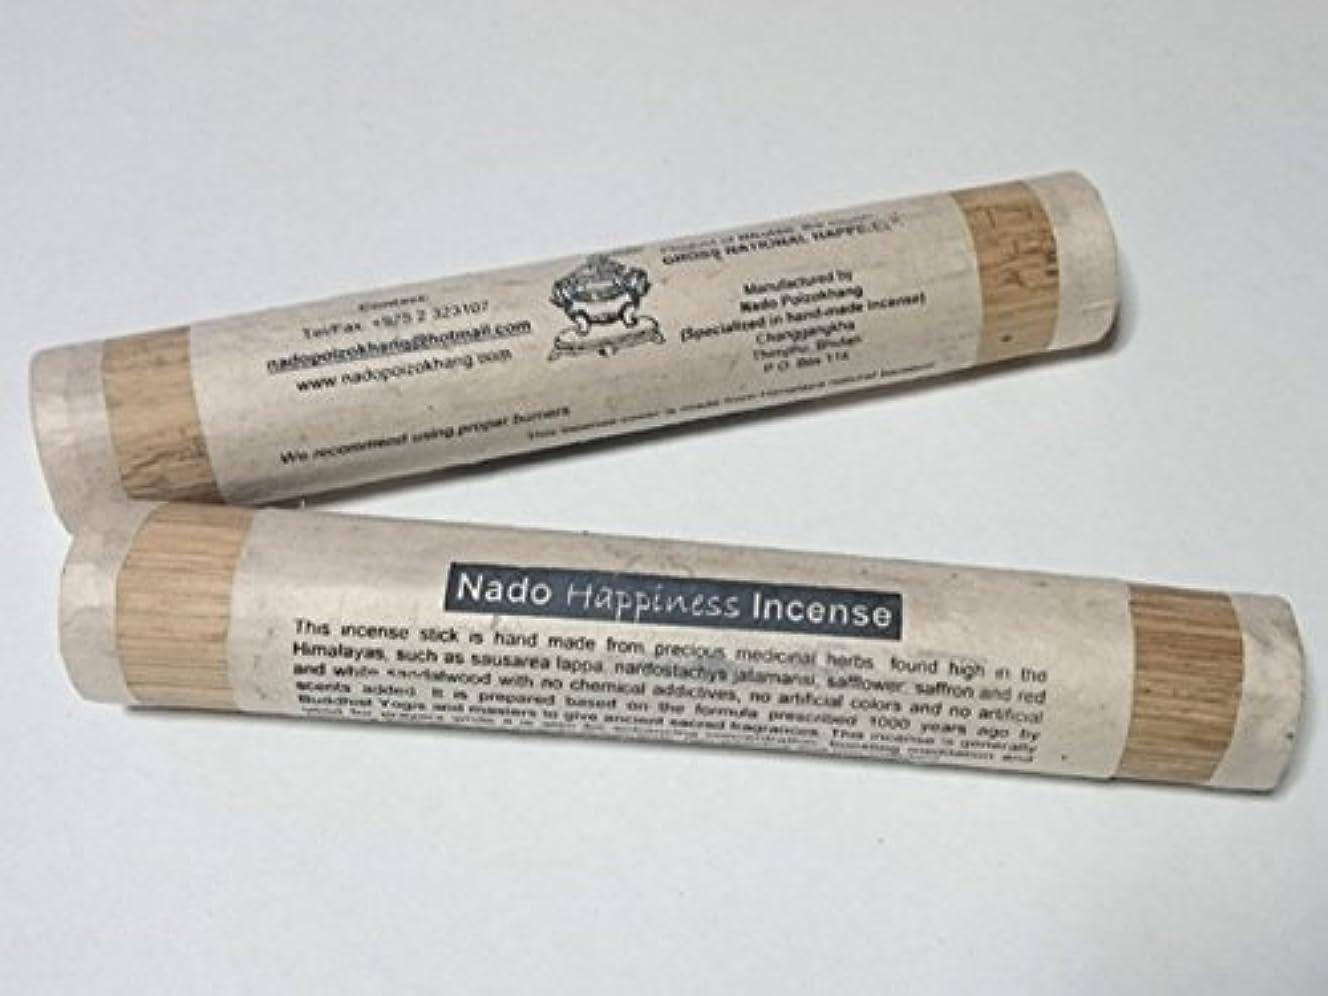 気づかない文芸教育者NADO/ナドー ハピネス インセンス Nado Happiness Incense 約28本入り